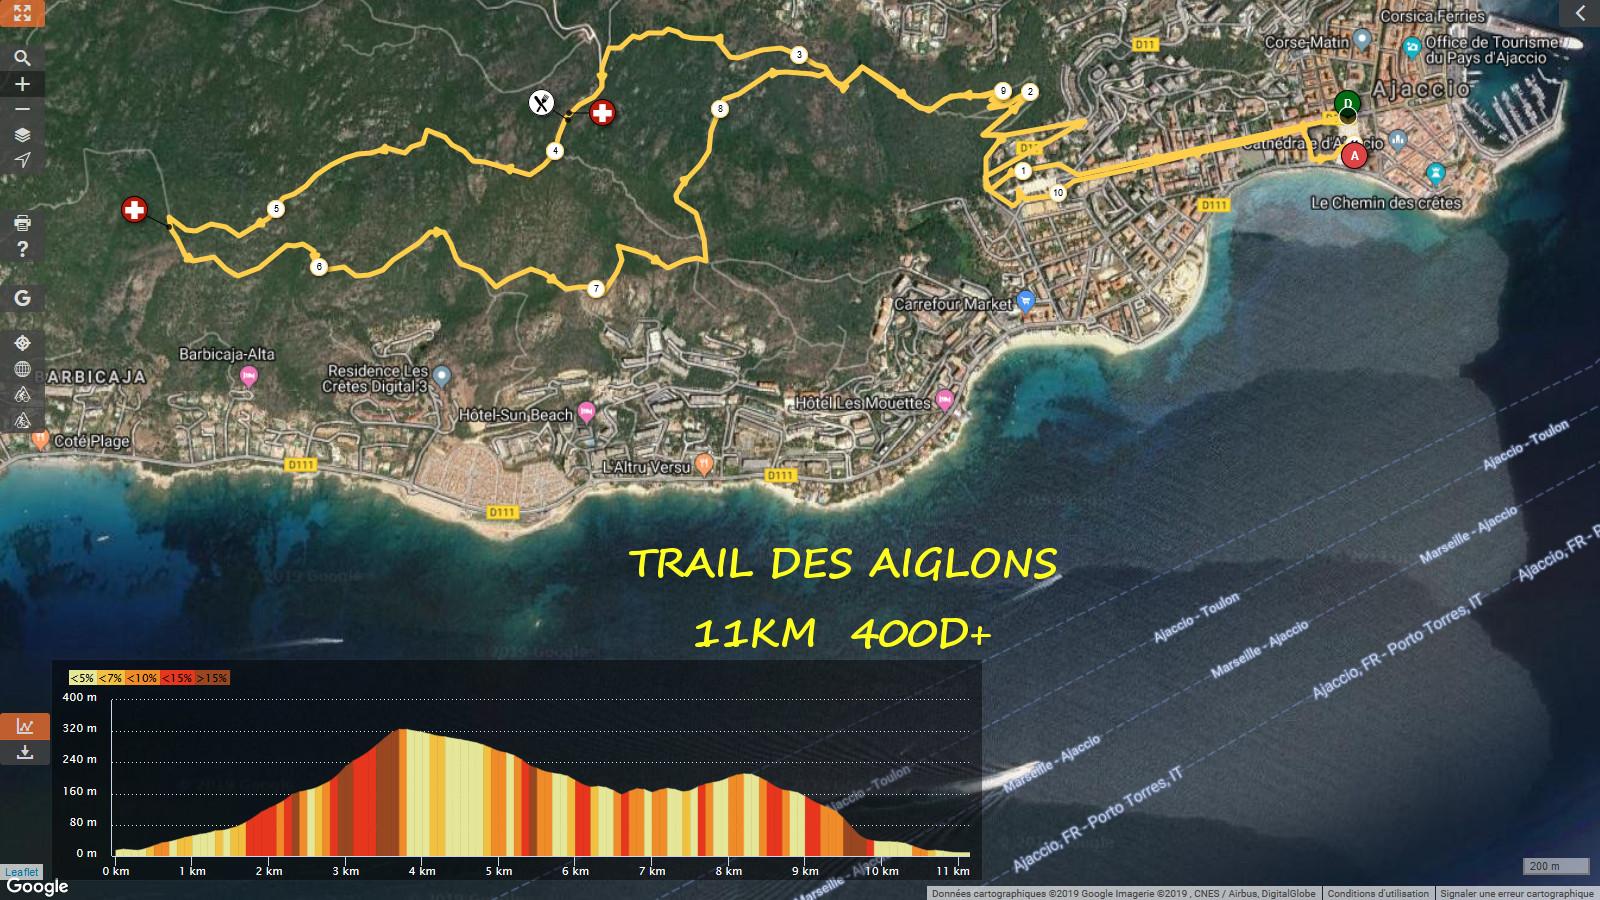 Parcours Trail des aiglons détaillé (10 km) (MAJ 01/08/2018)